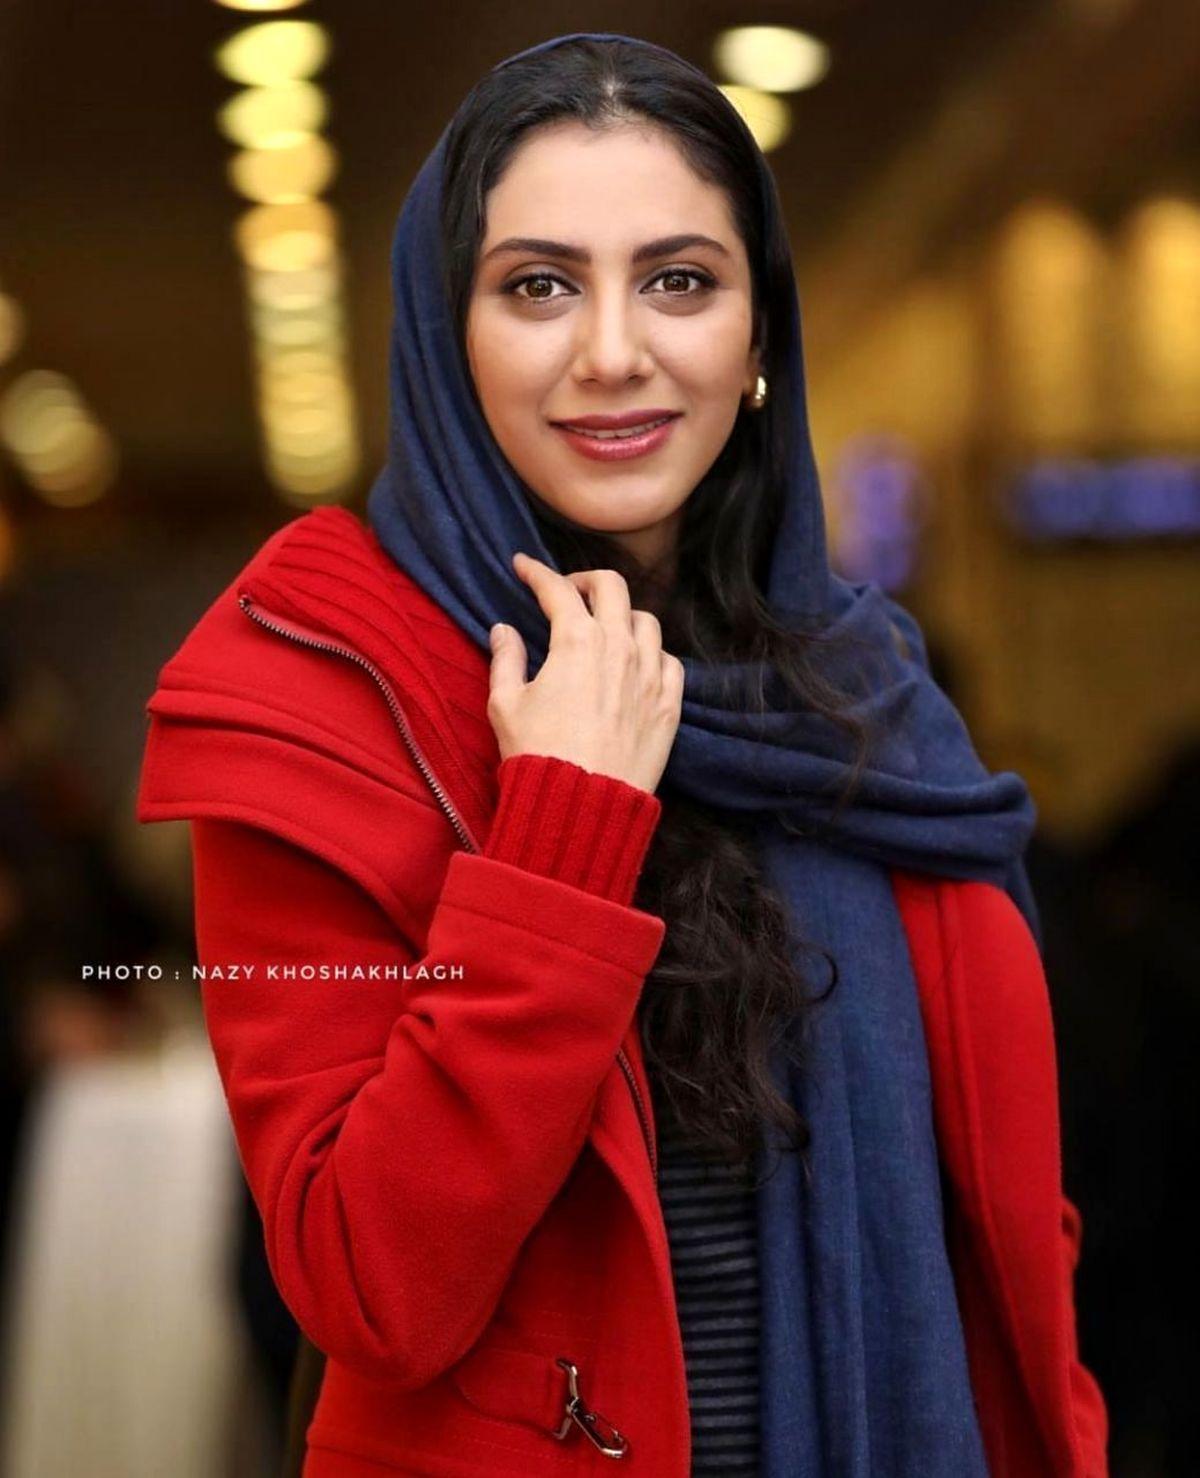 فیلم لورفته عروسی مونا فرجاد